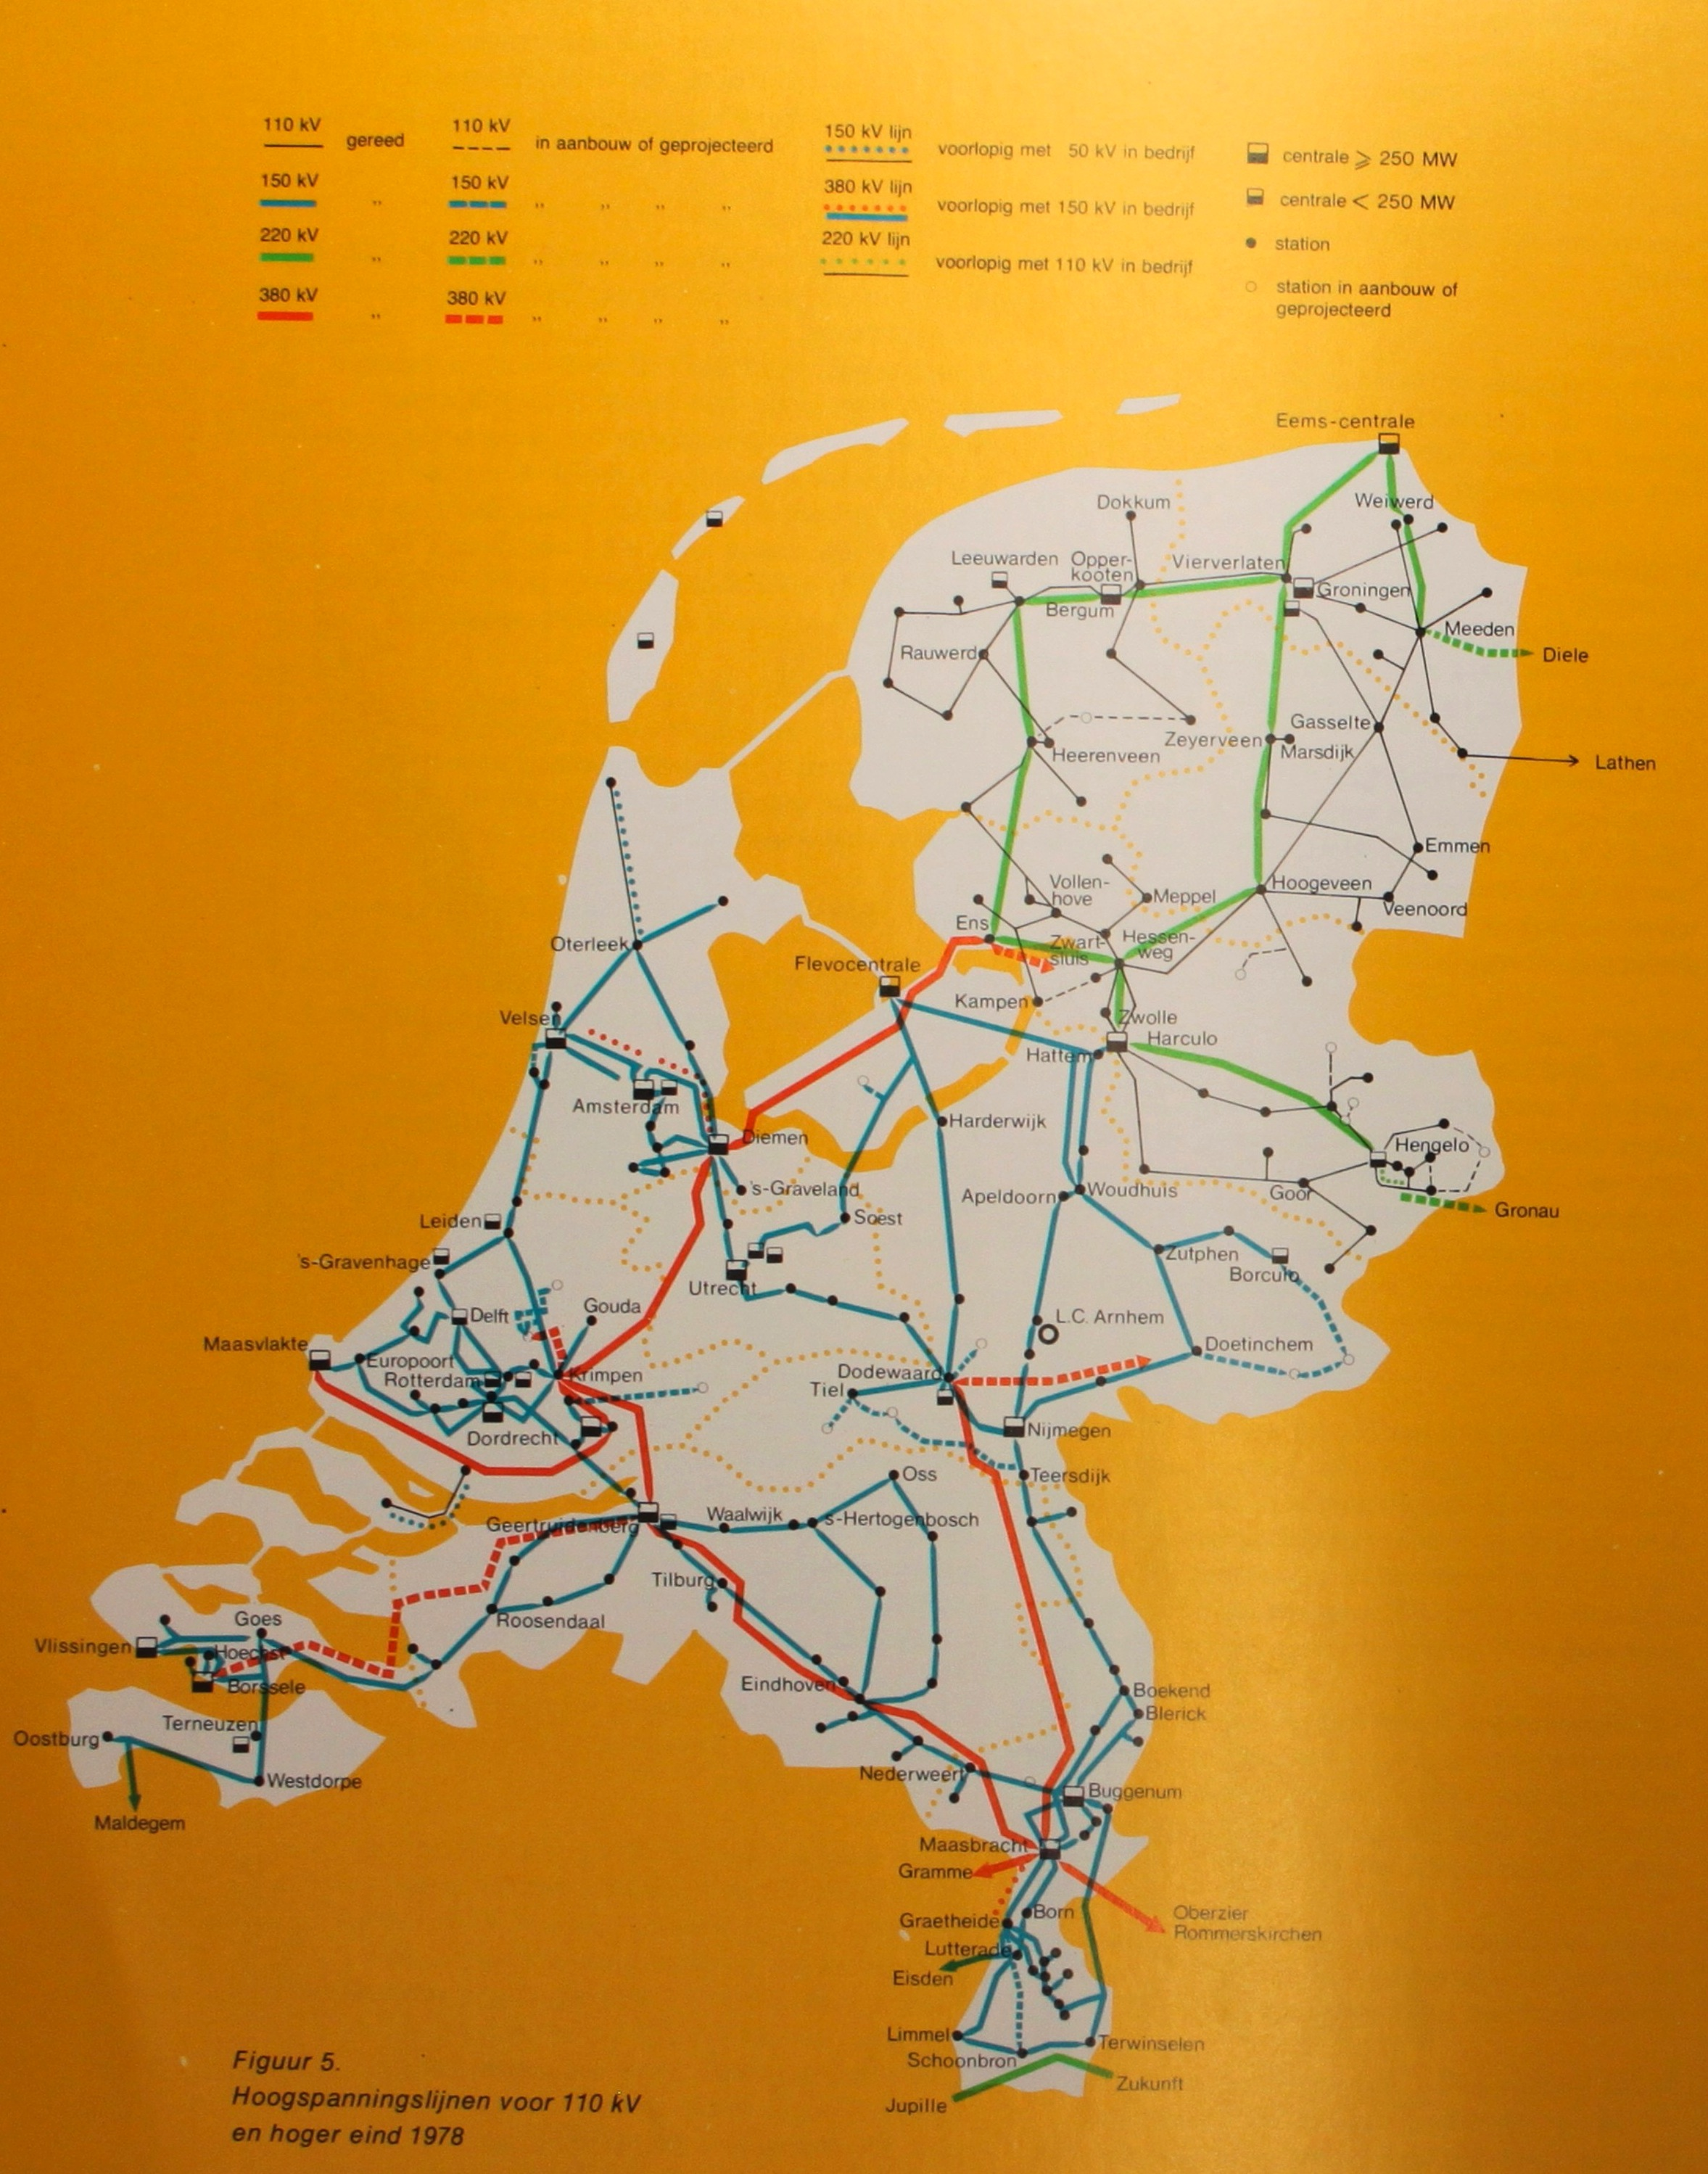 Netkaart van 1978 van het SEP